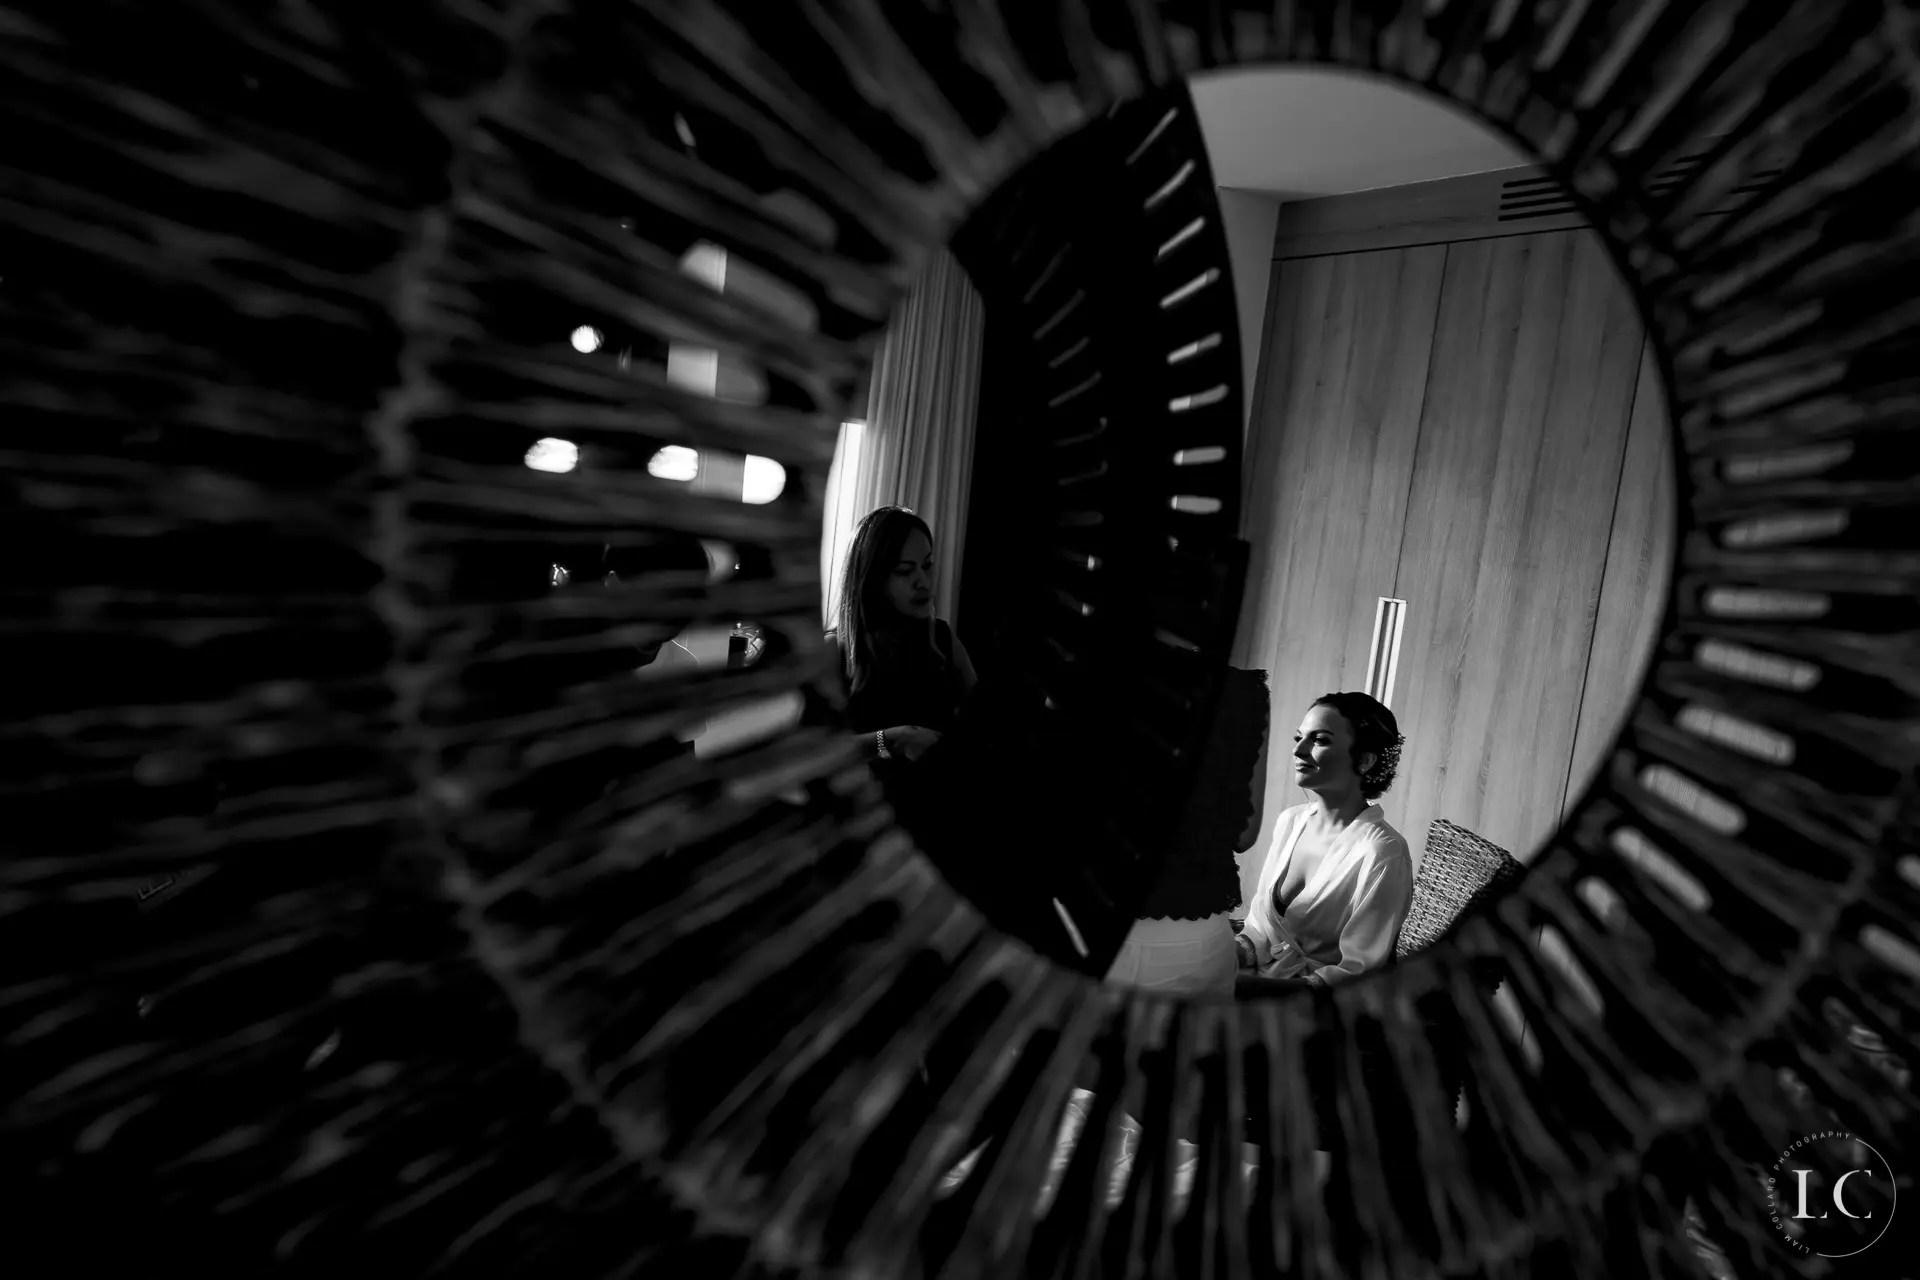 Mirror reflection of bride